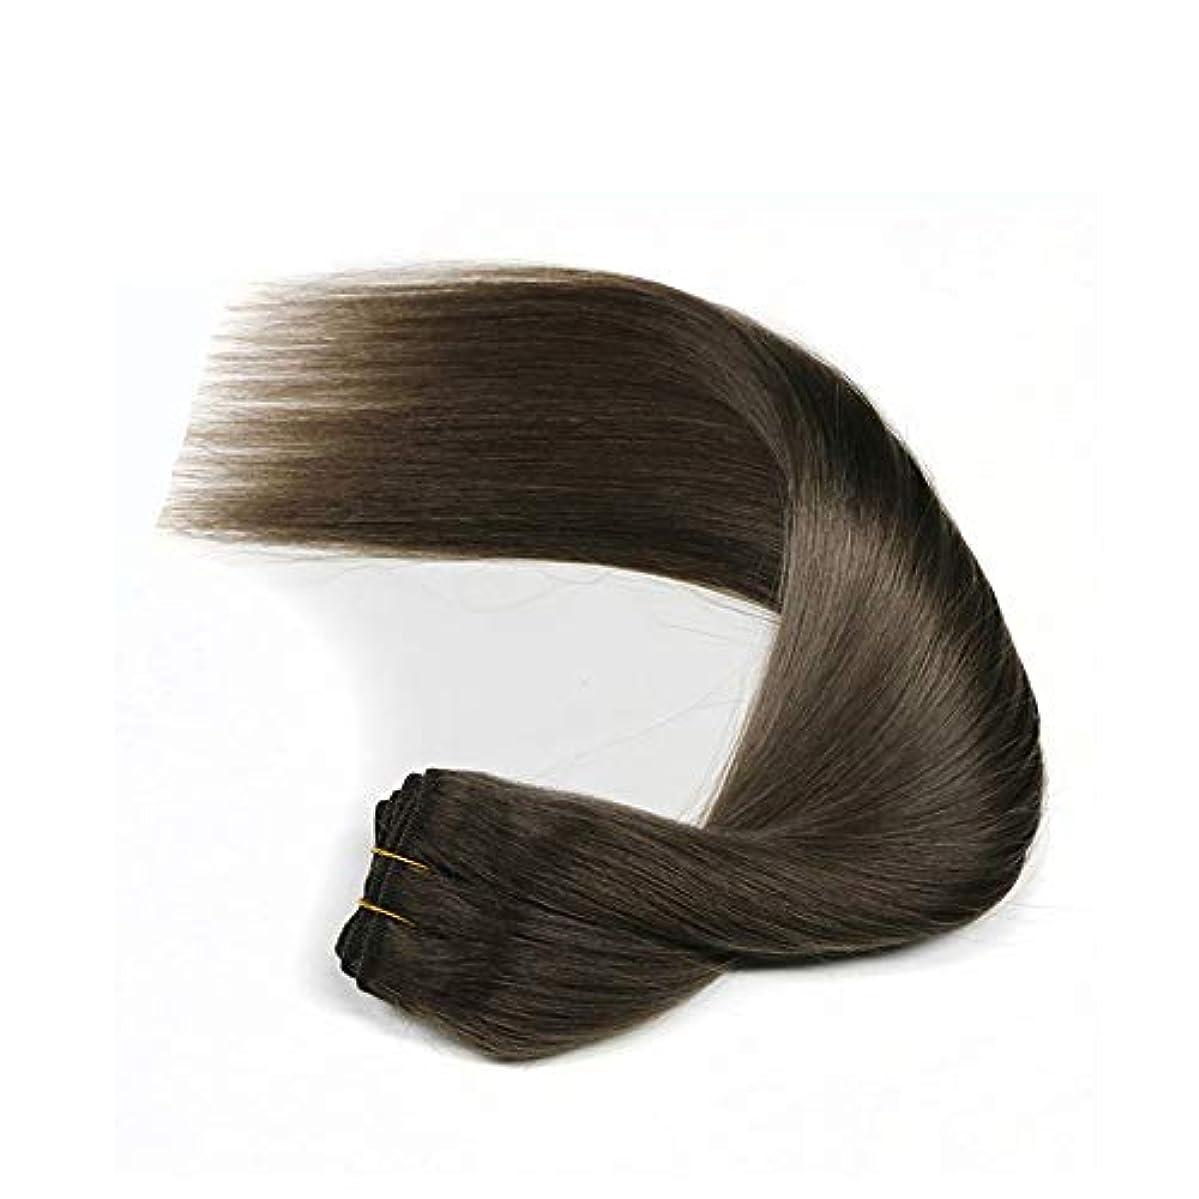 こだわりエスニック郵便JULYTER 女性のためのブラジルの100%未処理の人間の髪の束ストレートヘア生物学的な黒いSemblance (色 : Natural color, サイズ : 20 inch)